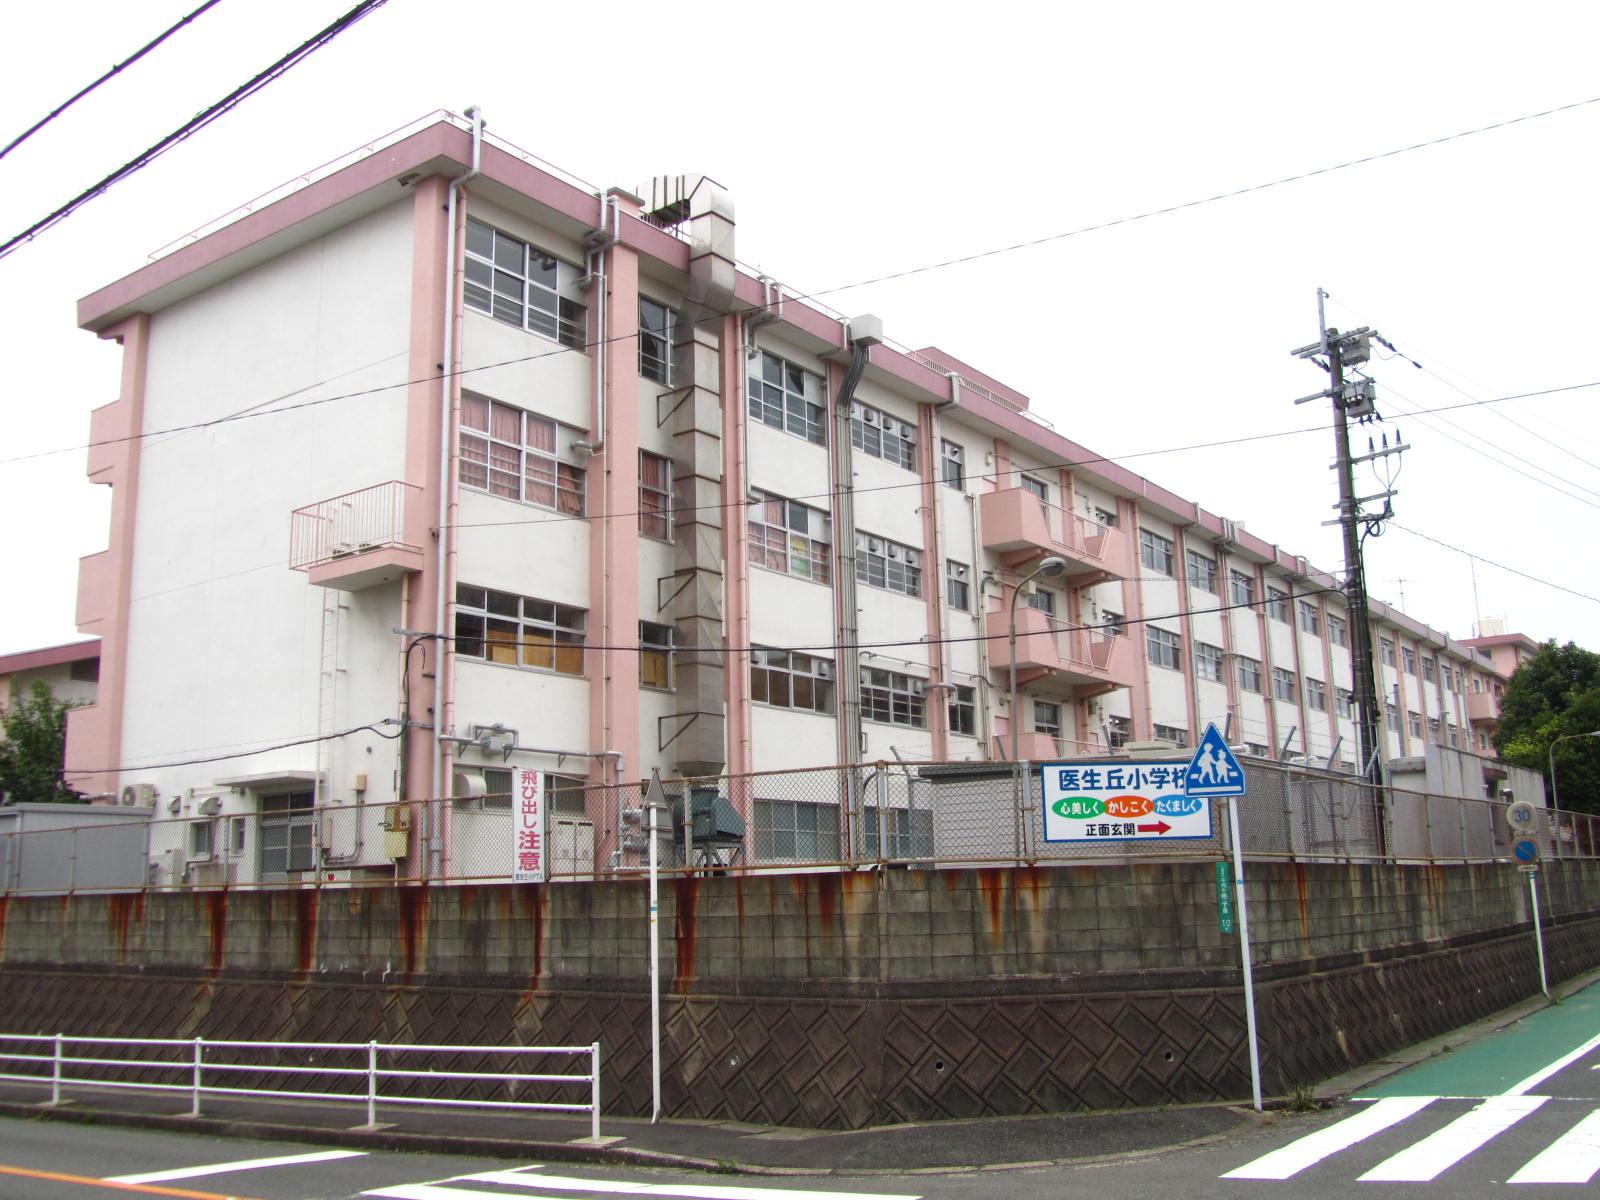 小学校:北九州市立医生丘小学校 982m